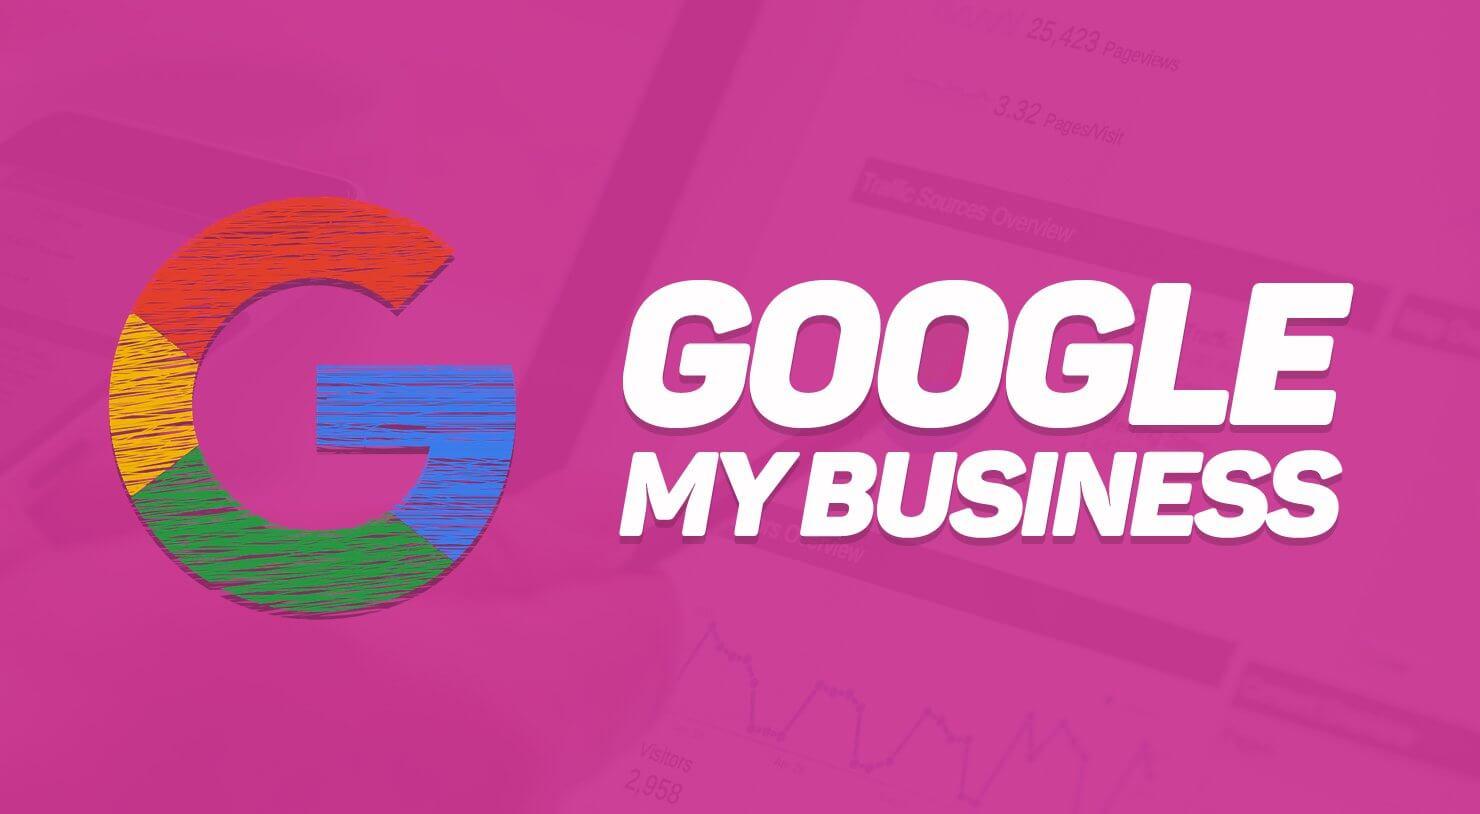 digital marketing agency hull, seo hull, websites hull